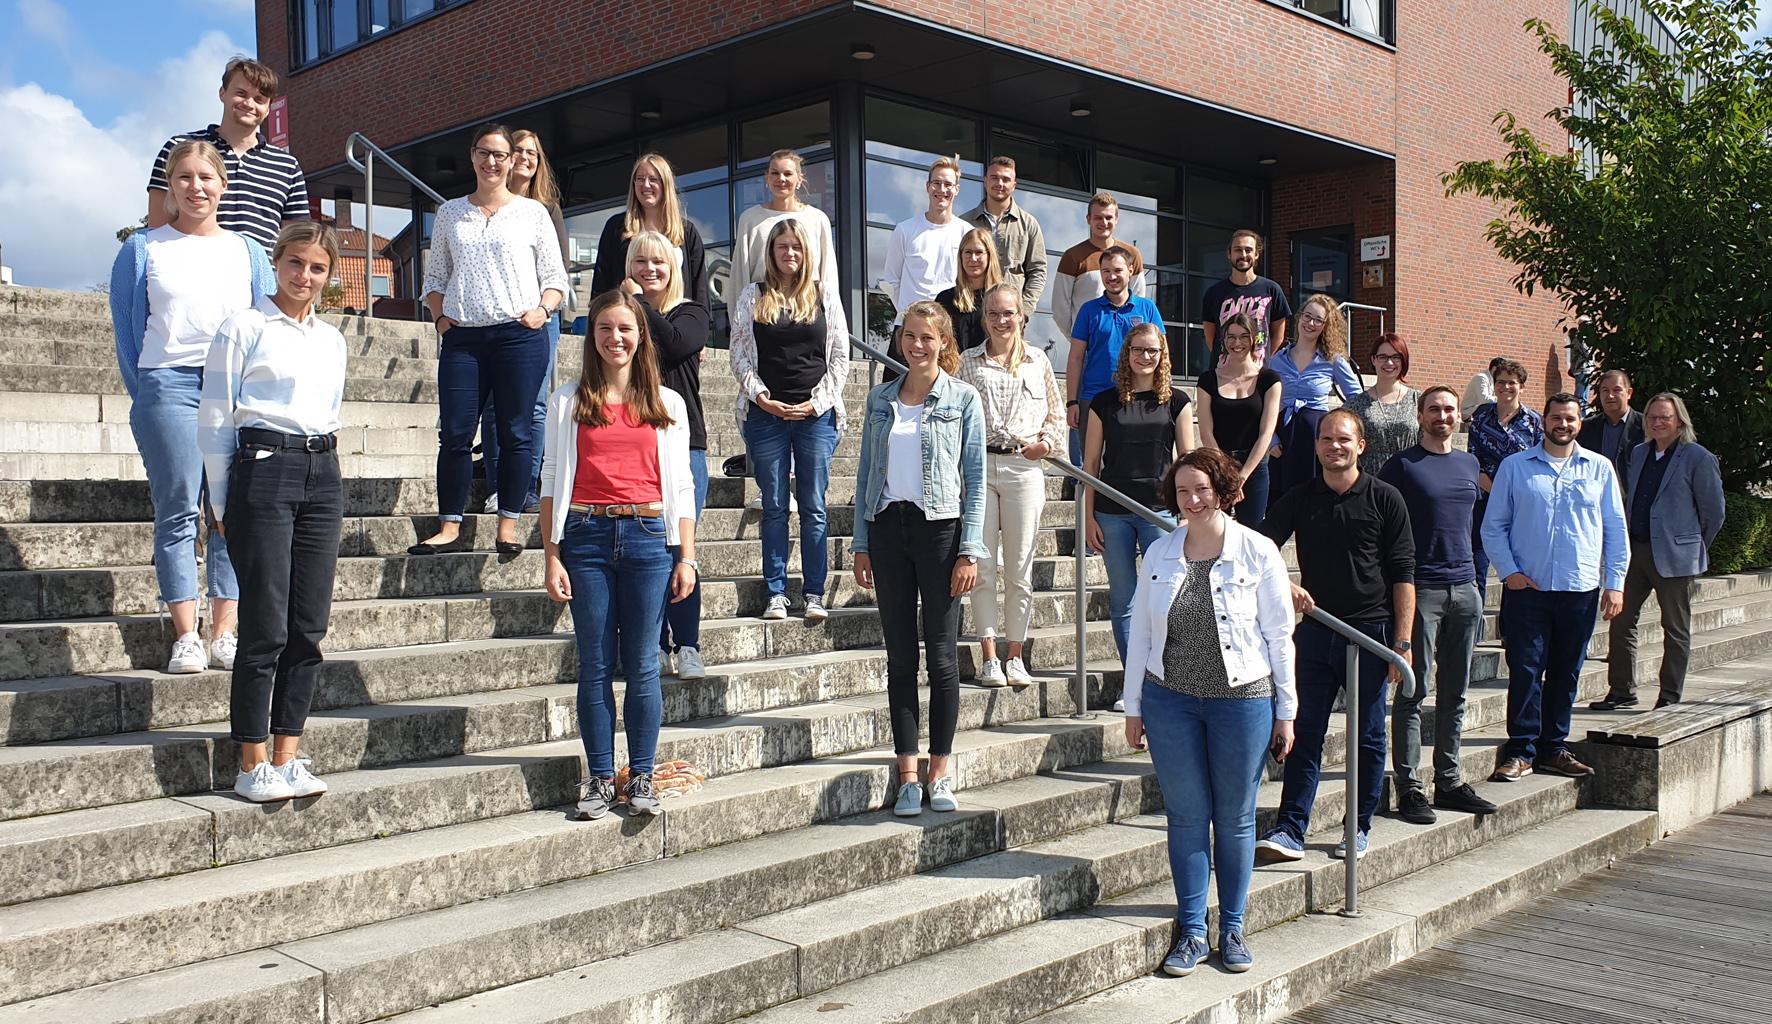 Knapp 30 Gymnasiallehrkräfte treten Ausbildung in Ostfriesland an